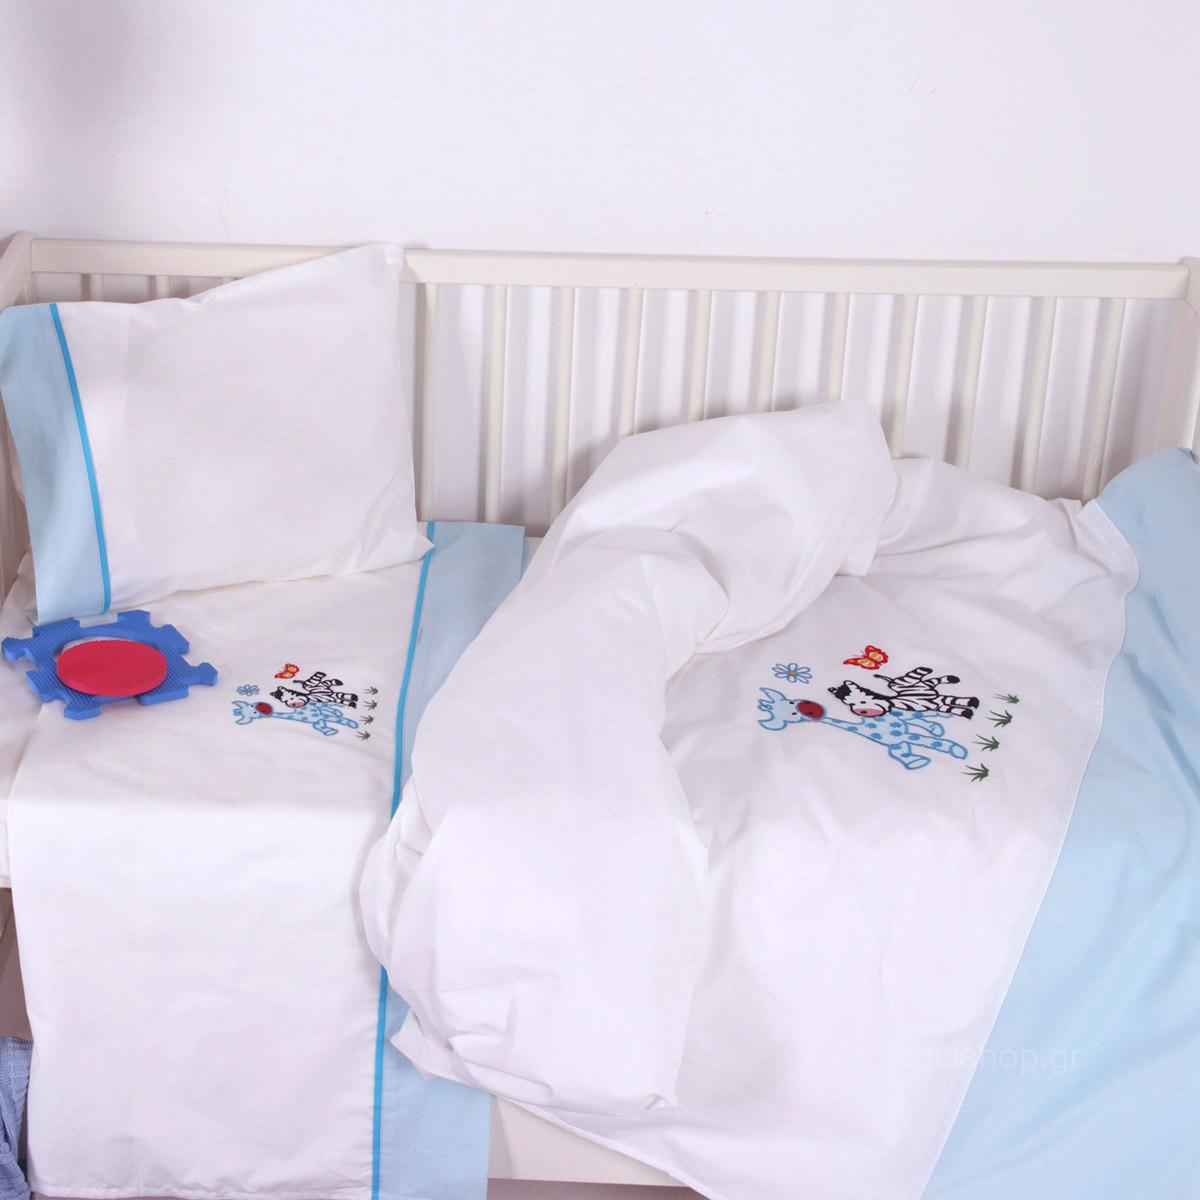 Σεντόνια Κούνιας (Σετ) Sb Home Baby Olly & Zemo Blue